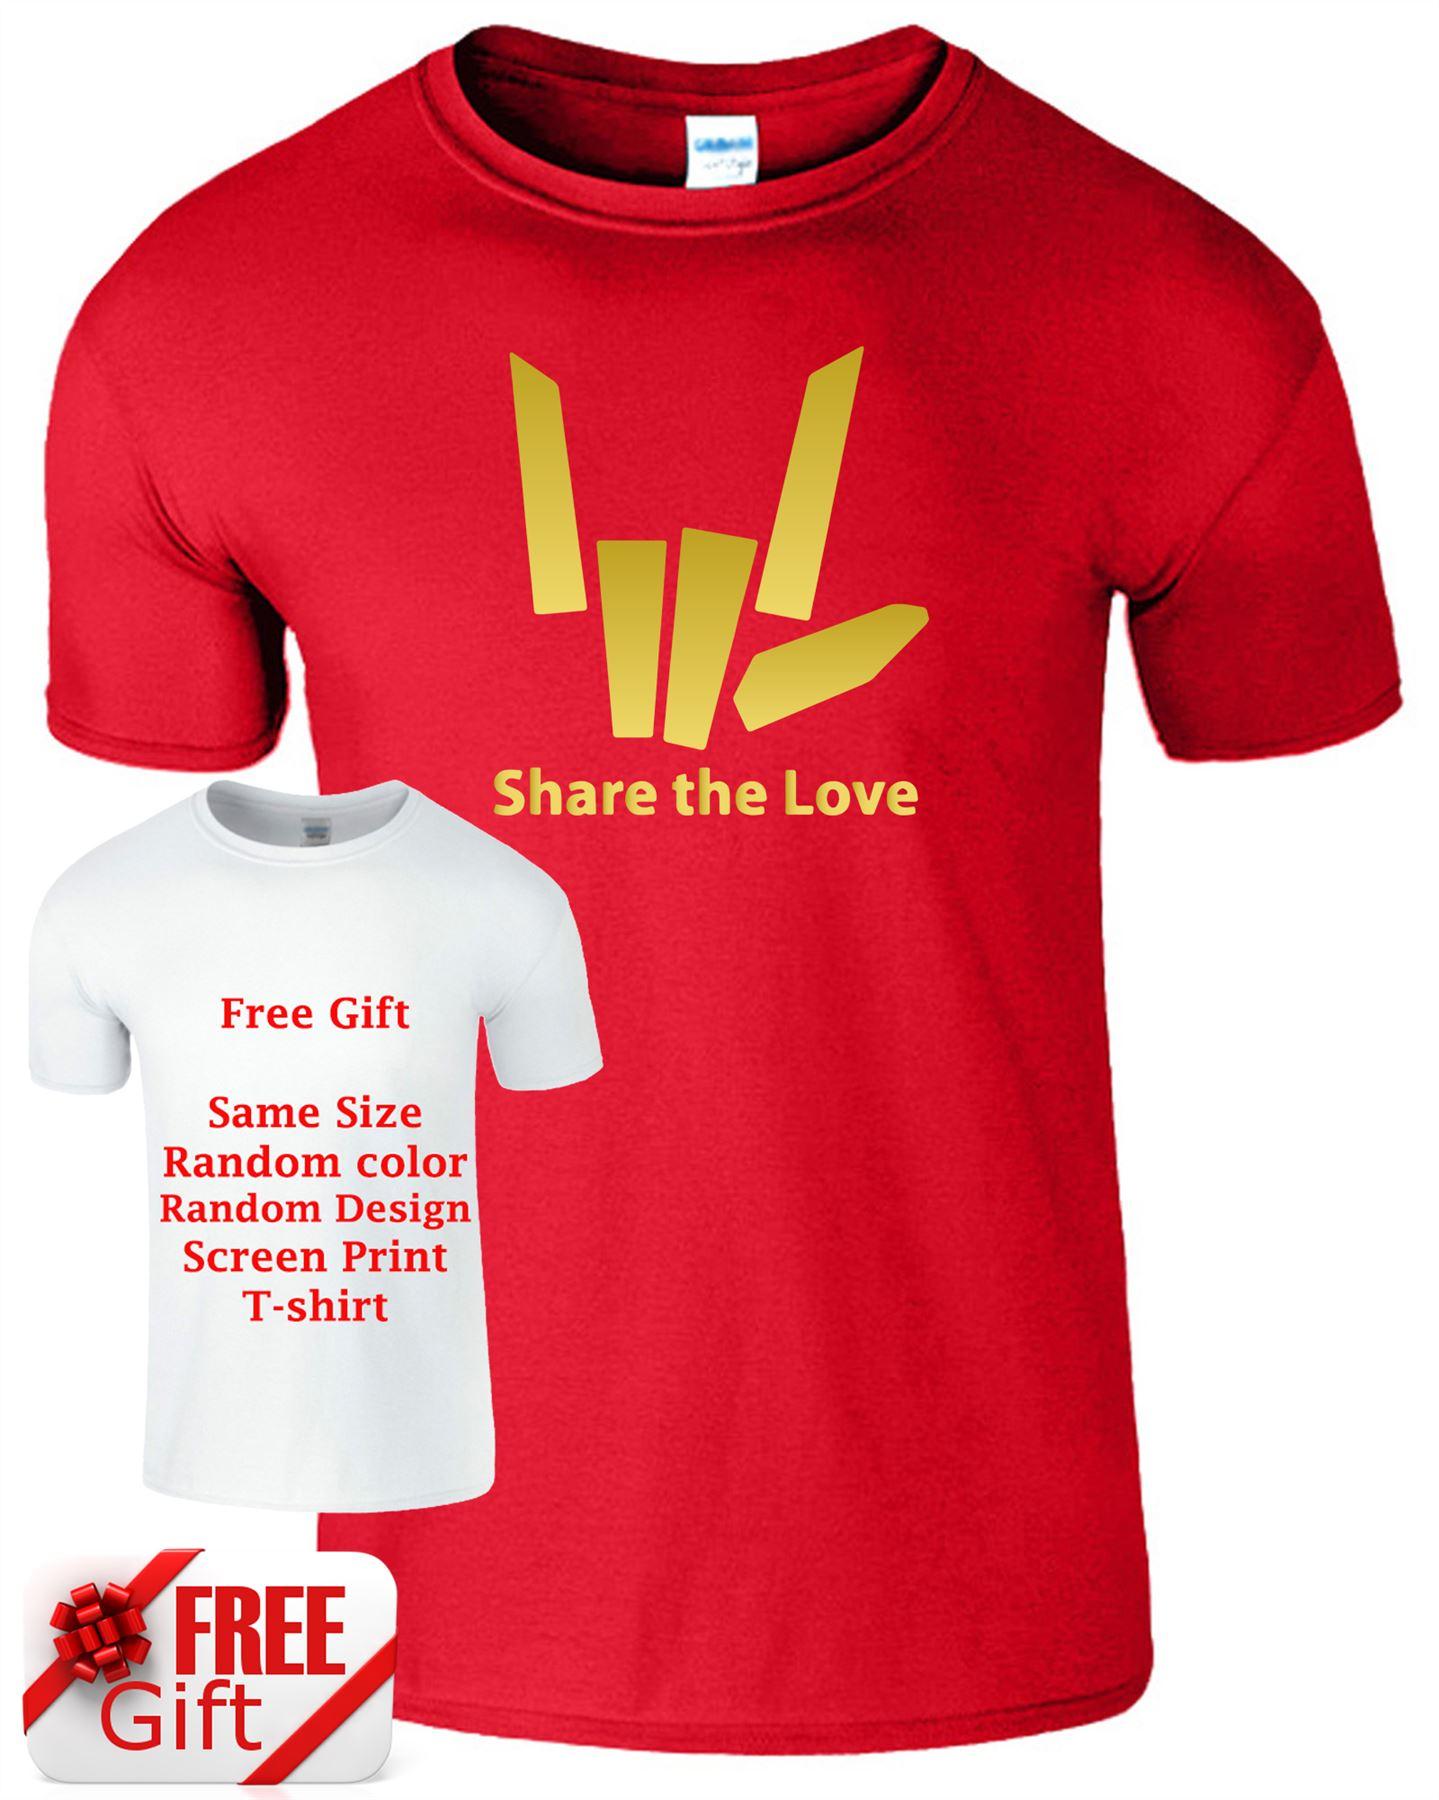 Share The Love Kids T Shirt Stephen Sharer Youtuber Boys Girls Gift Present Tee